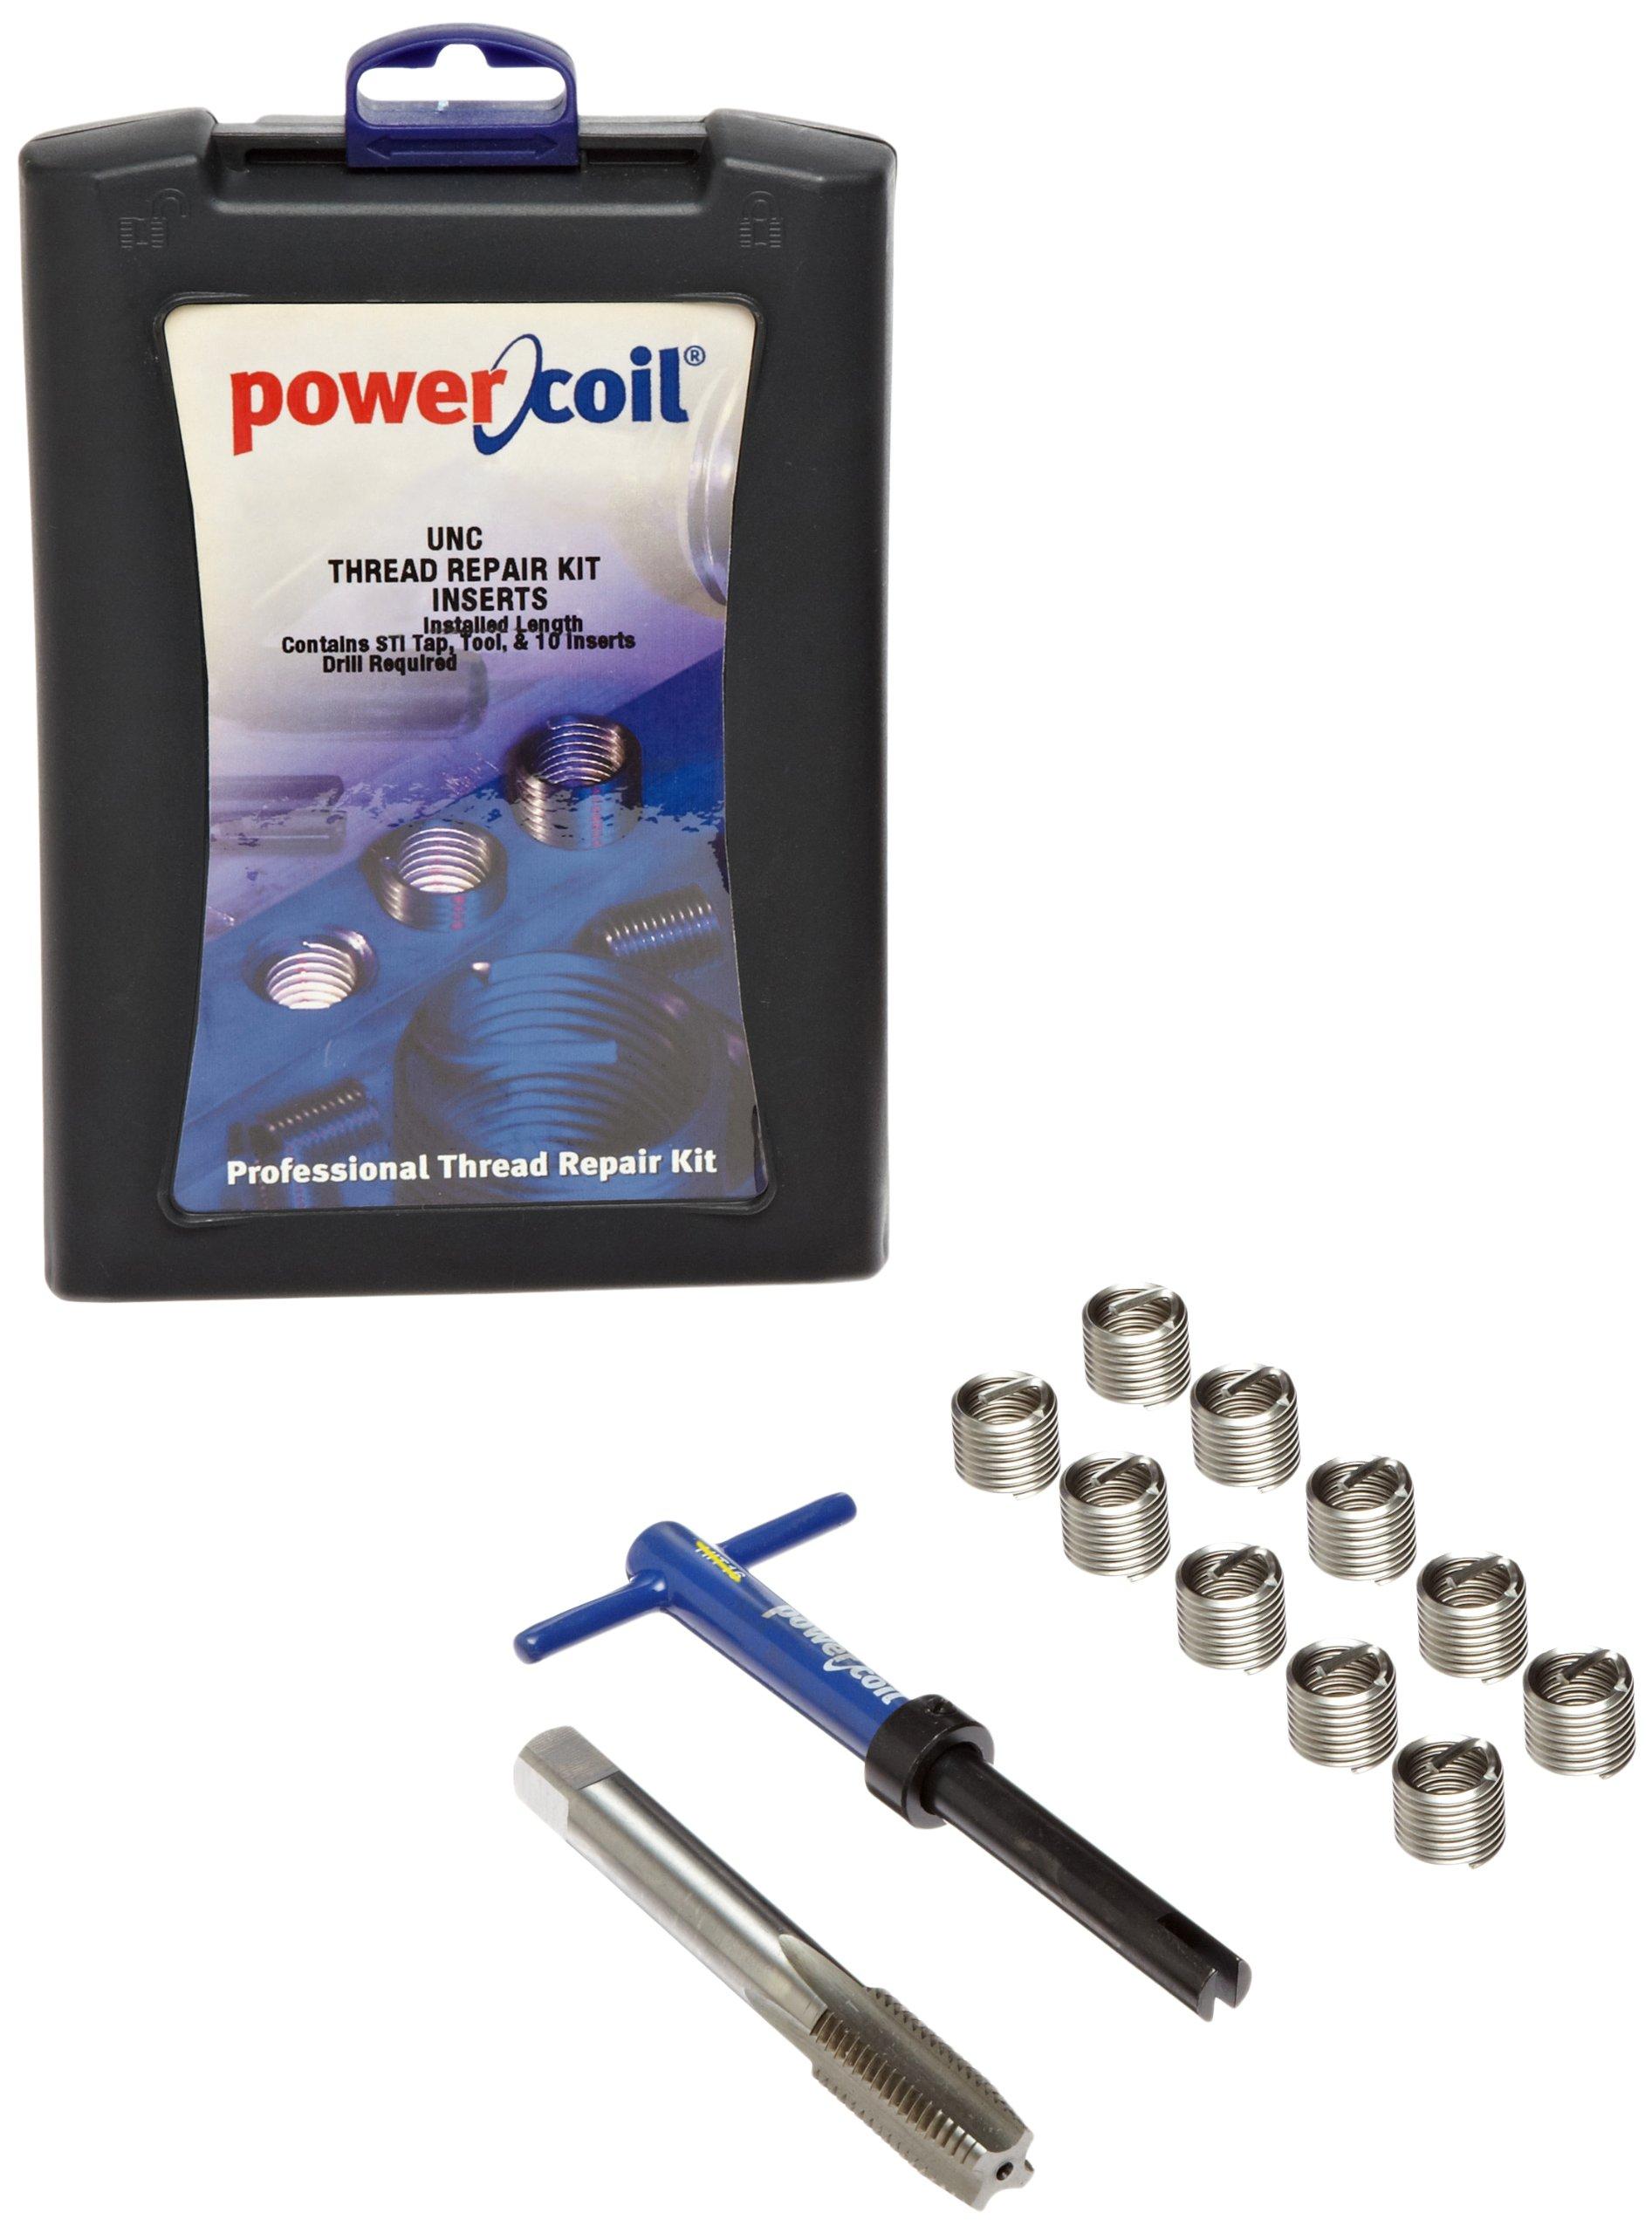 PowerCoil 3532-9/16K Free Running Coil Threaded Insert Kit, 304 Stainless Steel, 9/16''-12 Thread Size, 0.844'' Installed Length